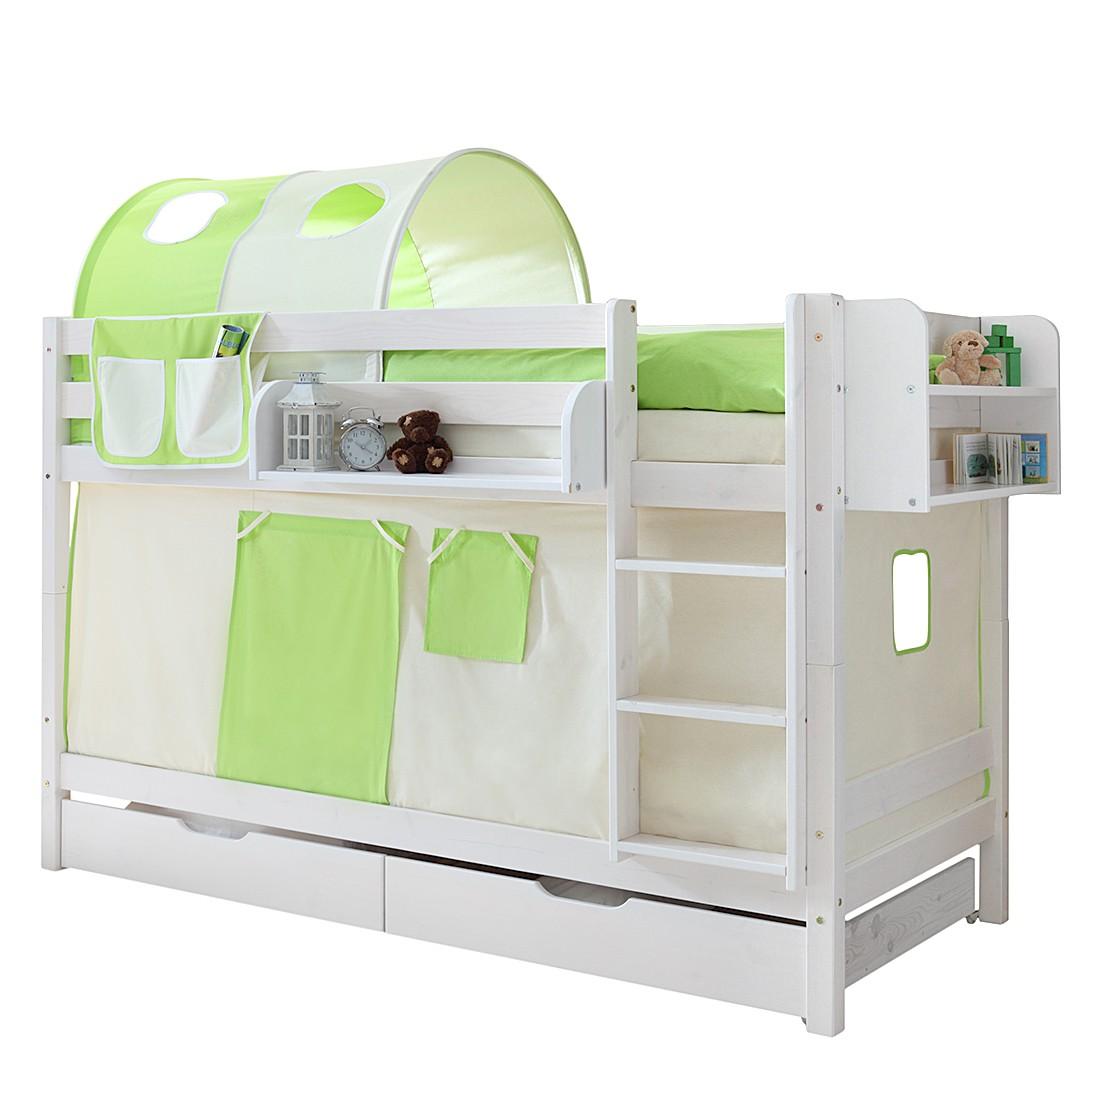 Home 24 - Lit superposé marcel ii - pin massif vert / beige avec tunnel, 2 matelas et sommiers à roulettes, ticaa